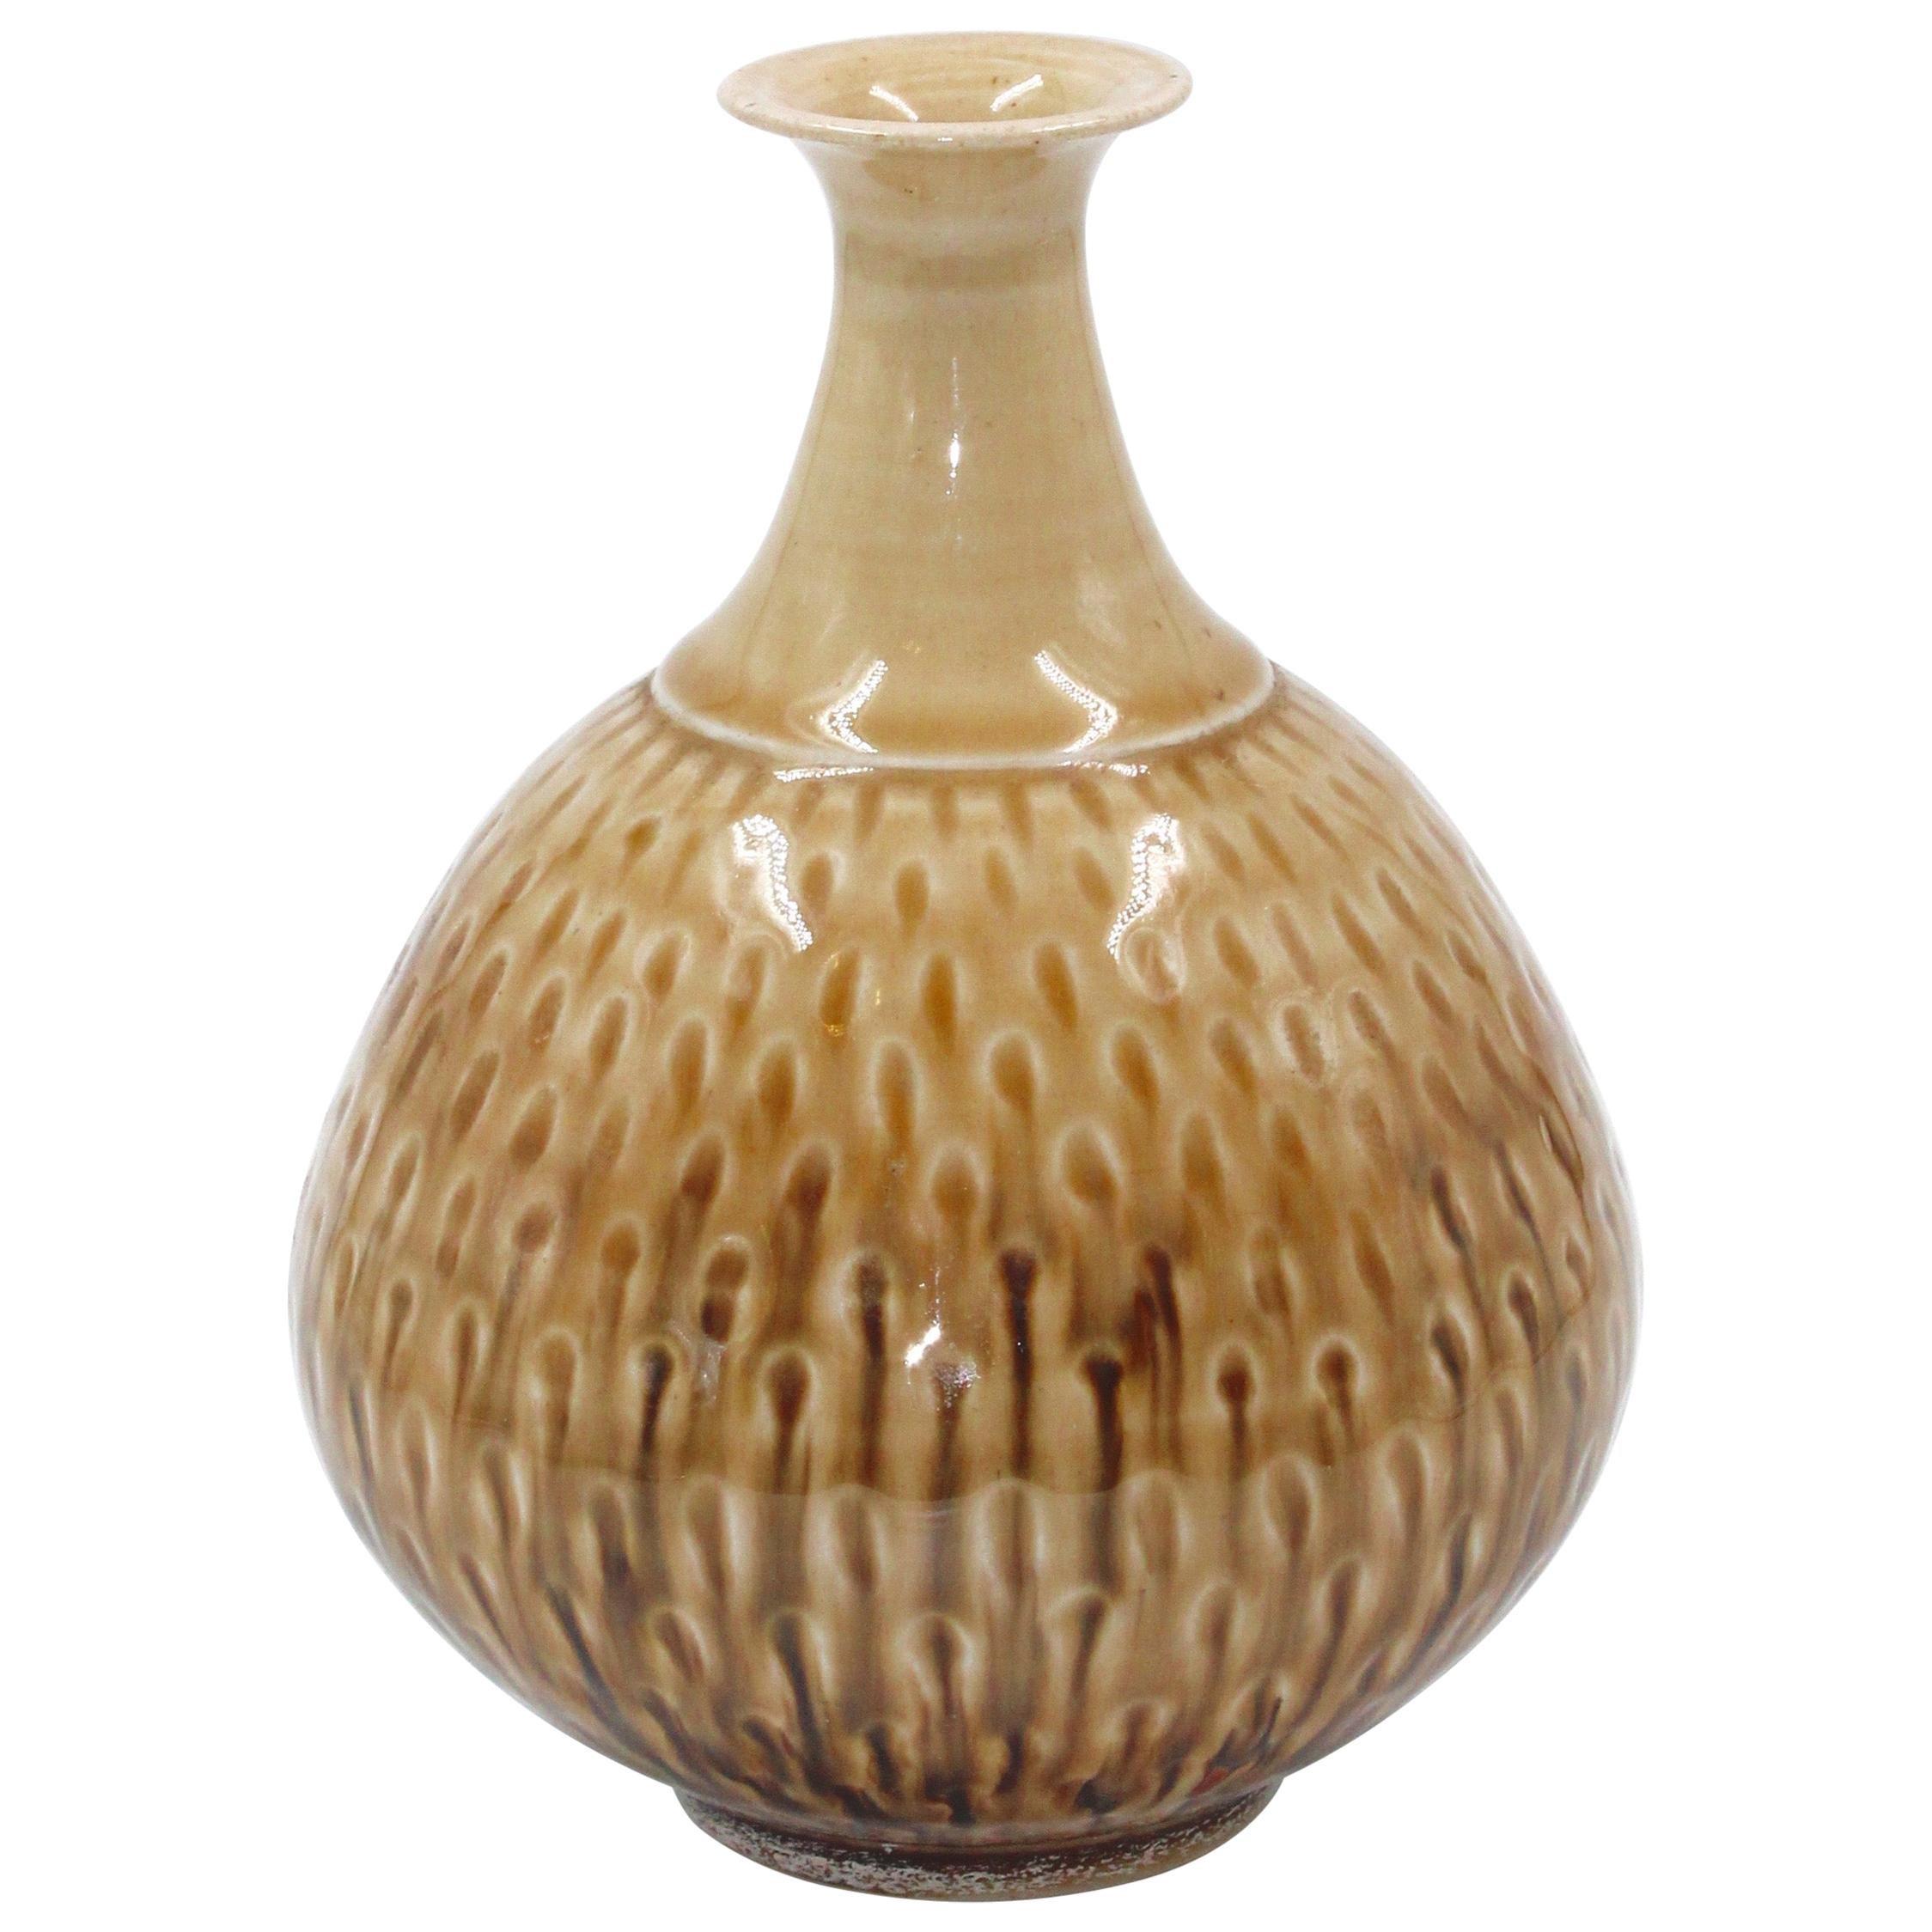 Ceramic Vase by John Andersson, Höganäs Keramik, 1950s